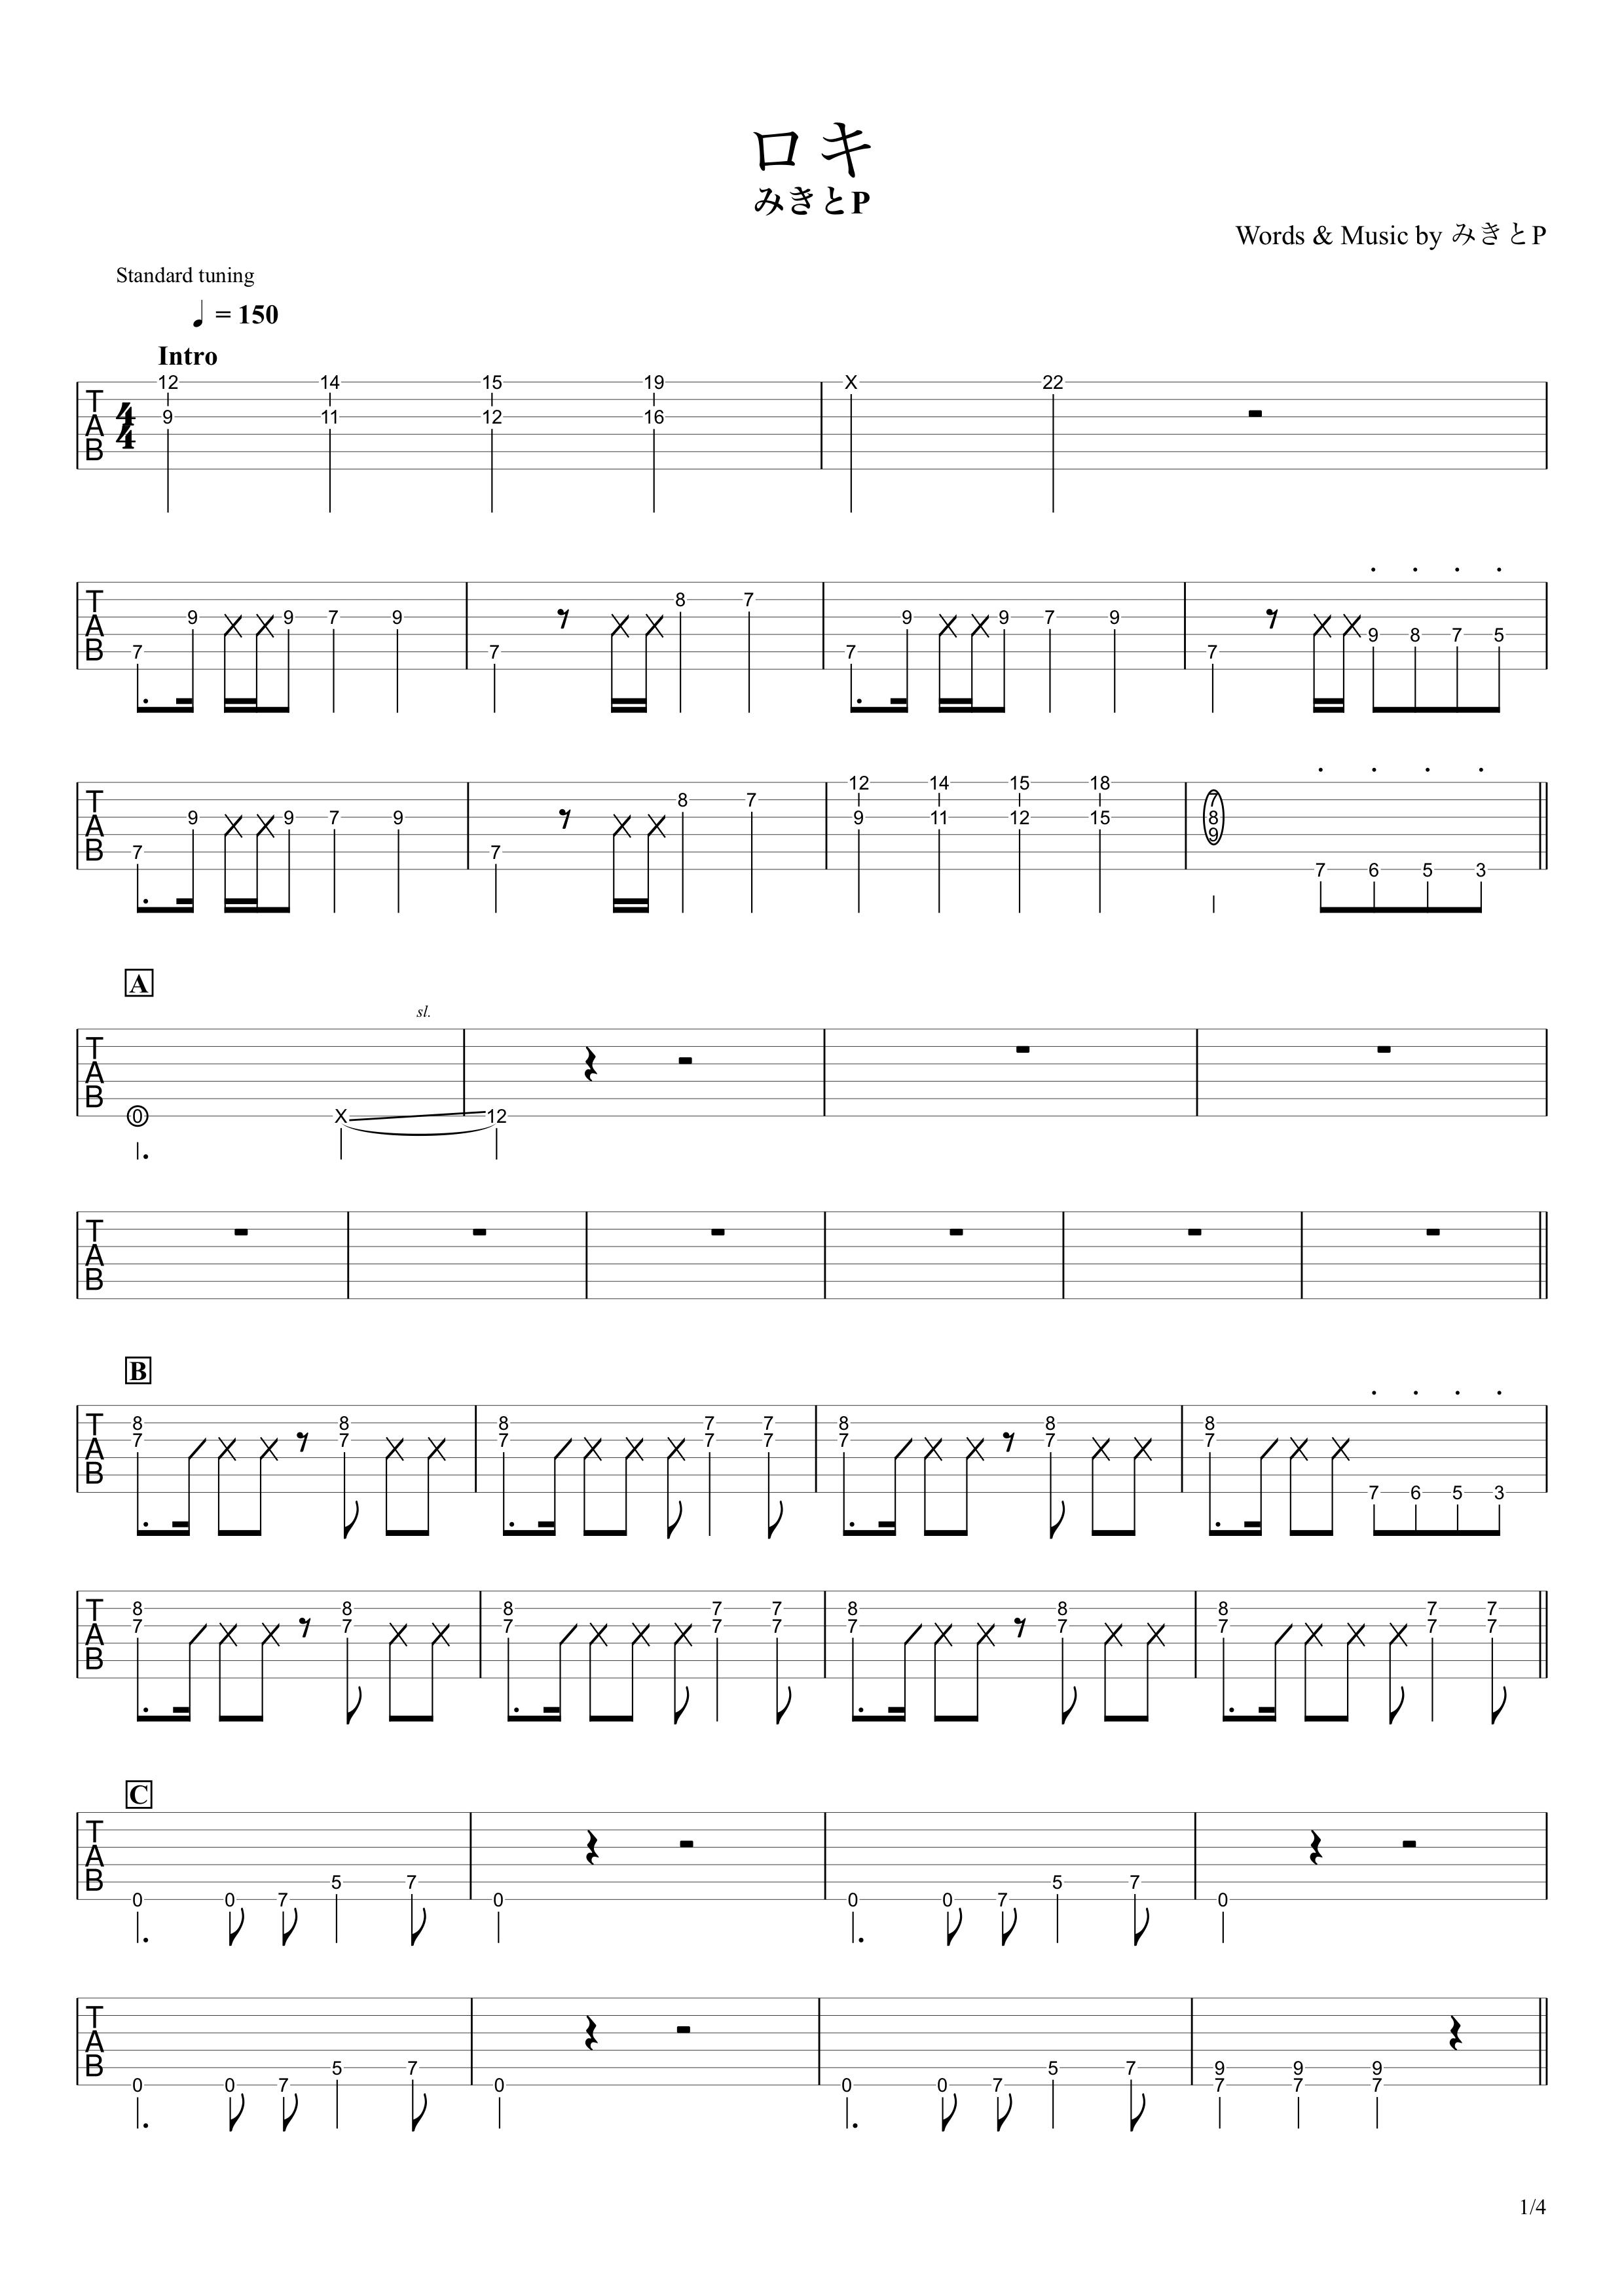 ロキ/みきとP ギタータブ譜 ほぼ完コピVer.01